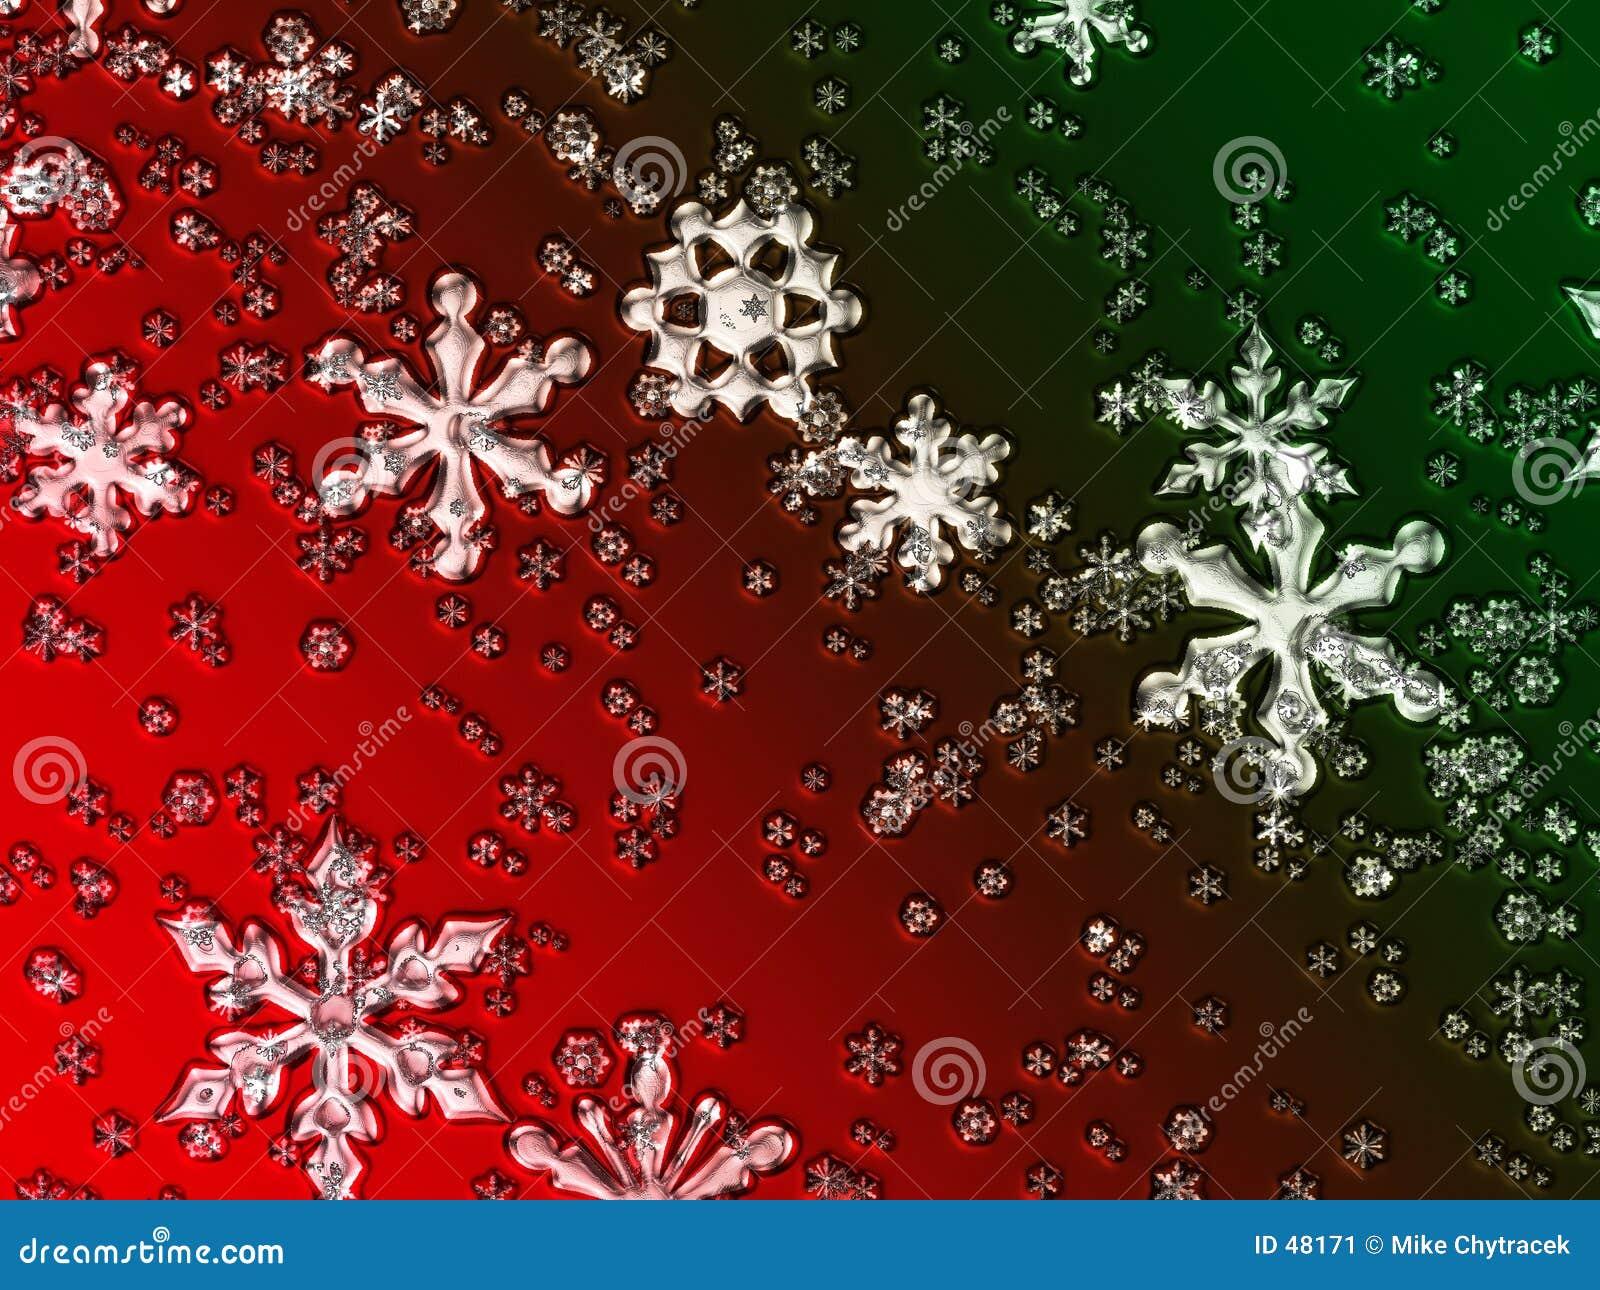 snowflakes christmas paper snowflakes christmas snowflakes border ...